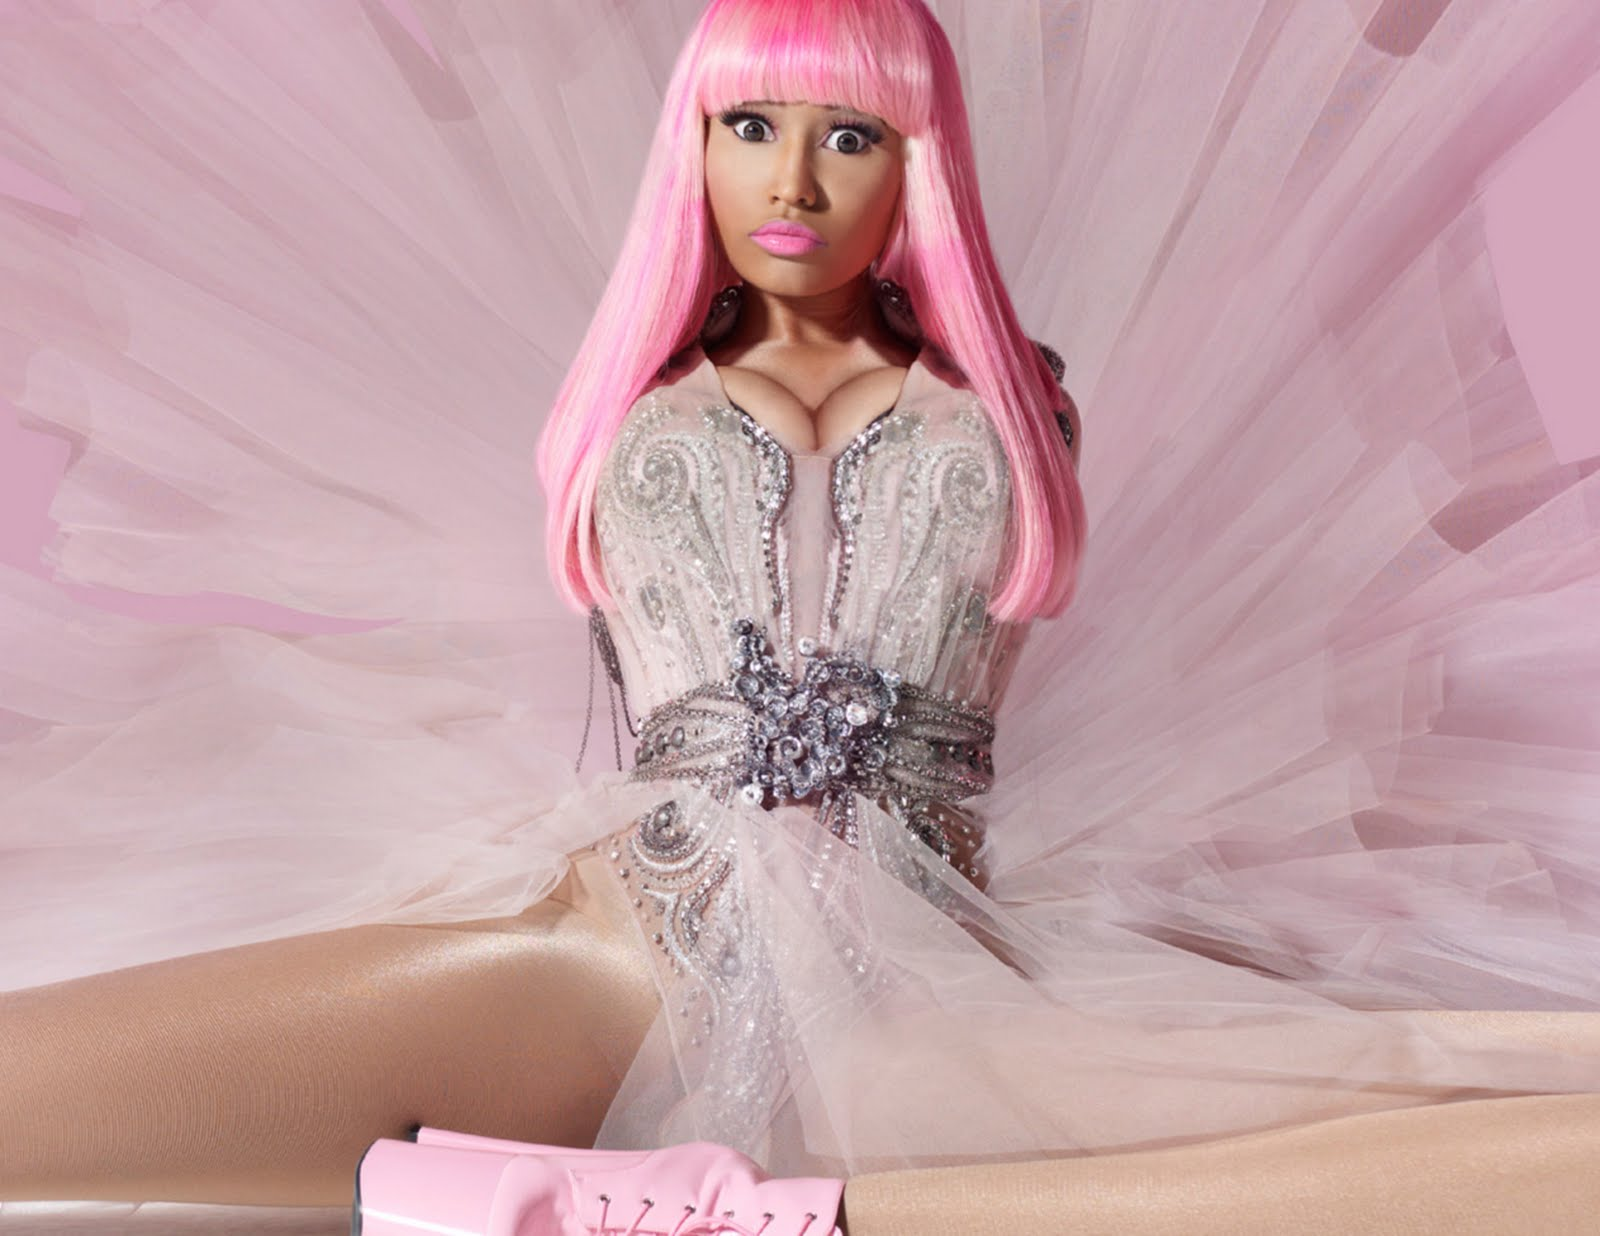 http://4.bp.blogspot.com/-d3adnNCIUEY/TuuAxr-pxqI/AAAAAAAABfU/4H2RcLllqxI/s1600/nicki+minaj+makeup-makeupmagazines.blogspot.com-M.A.C-Pink-Friday-Nicki-Minaj.jpg